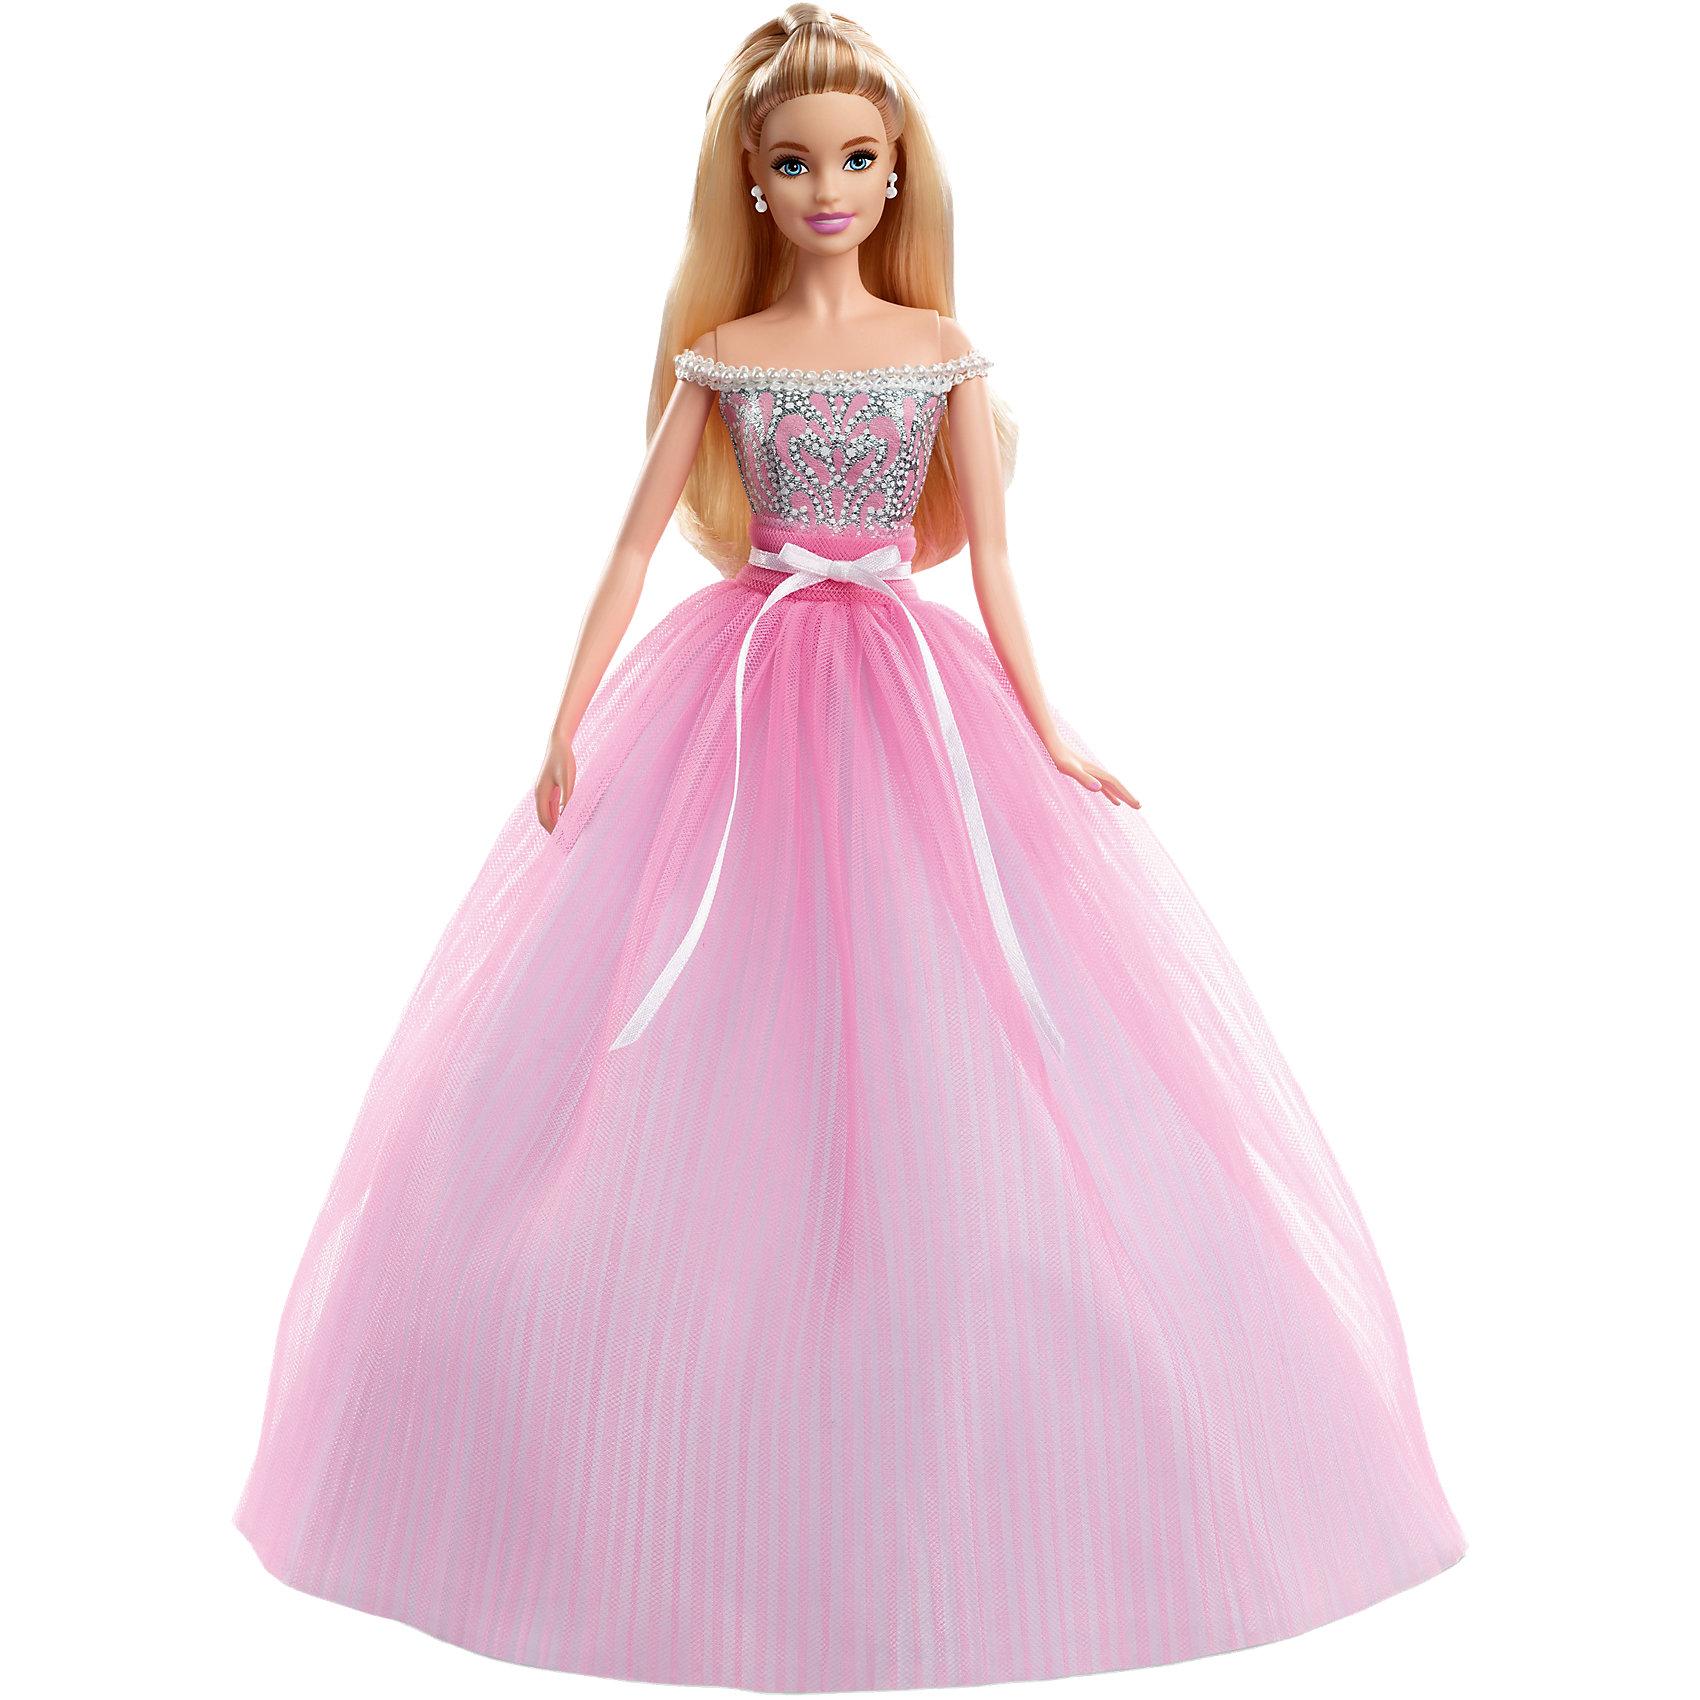 Коллекционная кукла «Пожелания ко дню рождения», BarbieПопулярные игрушки<br>Характеристики товара:<br><br>• комплектация: игрушка, упаковка <br>• материал: пластик, текстиль<br>• серия: Barbie<br>• возраст: от трех лет<br>• для девочек<br>• подвижные суставы<br>• габариты игрушки: 33х7,5х23 см<br>• срок годности: не ограничен<br>• страна бренда: США<br><br>Коллекционная кукла Барби – самый желанный подарок всех модник ко Дню рождения. Кукла одета в безупречное красивое розовое платье и оформлена в праздничную коробку, которую уже не нужно украшать. Стоит отметить, что все товары, выпускаемые компанией Mattel, полностью безопасны и соответствуют международным  требованиям по качеству материалов. <br><br>Товар «Коллекционная кукла «Пожелания ко дню рождения», Barbie» можно приобрести в нашем интернет-магазине.<br><br>Ширина мм: 341<br>Глубина мм: 222<br>Высота мм: 83<br>Вес г: 388<br>Возраст от месяцев: 96<br>Возраст до месяцев: 144<br>Пол: Женский<br>Возраст: Детский<br>SKU: 5257106